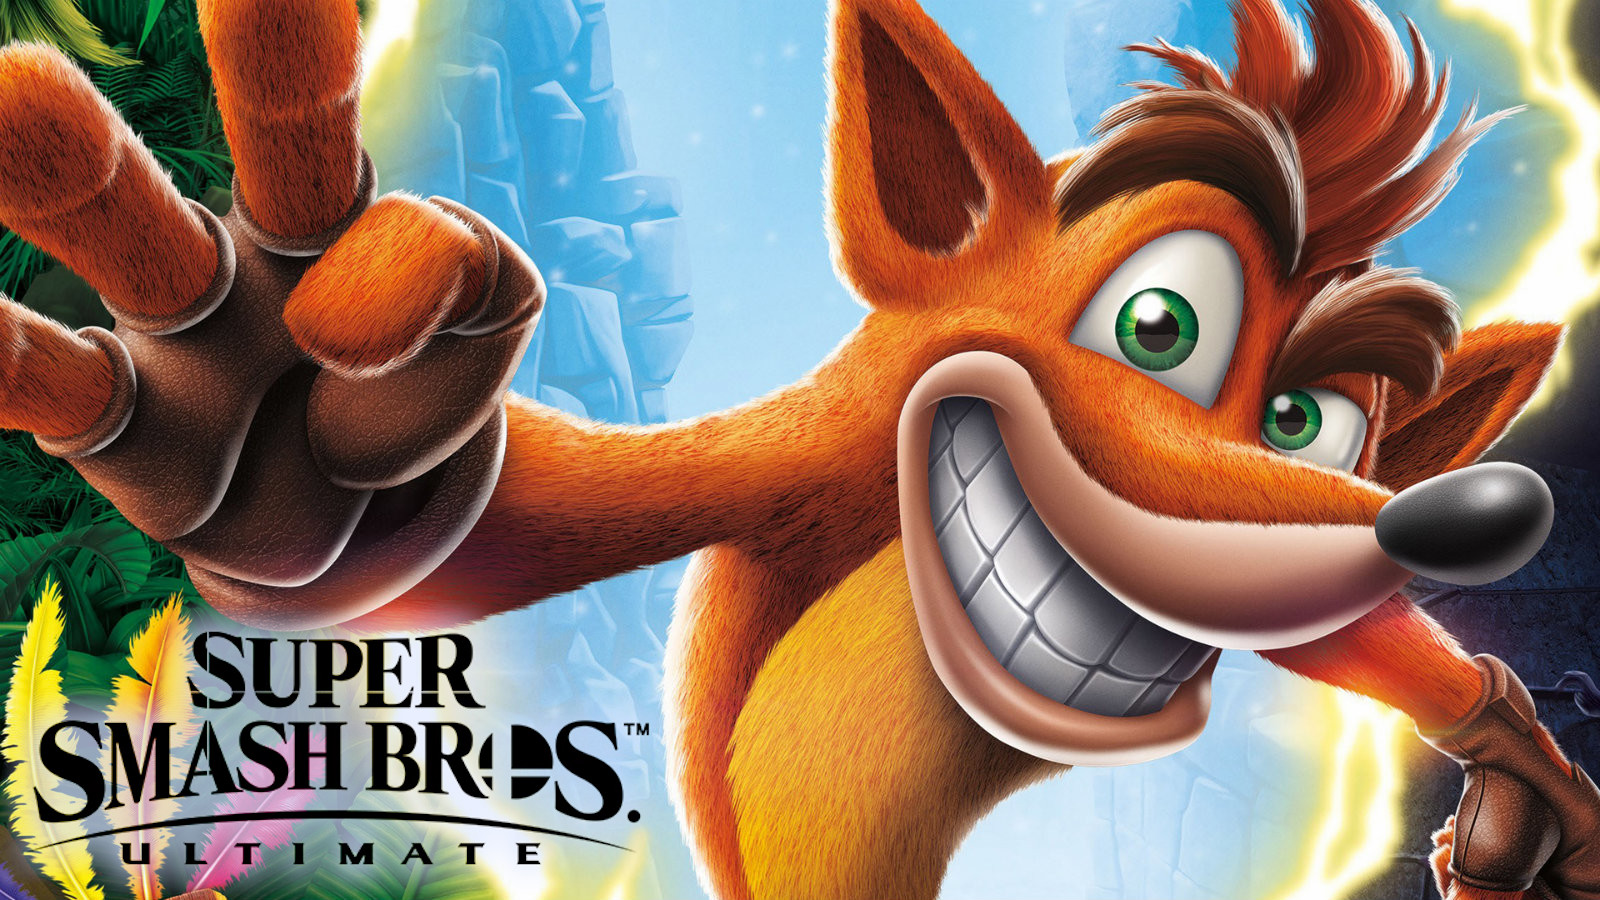 Crash Bandicoot in Smash Bros